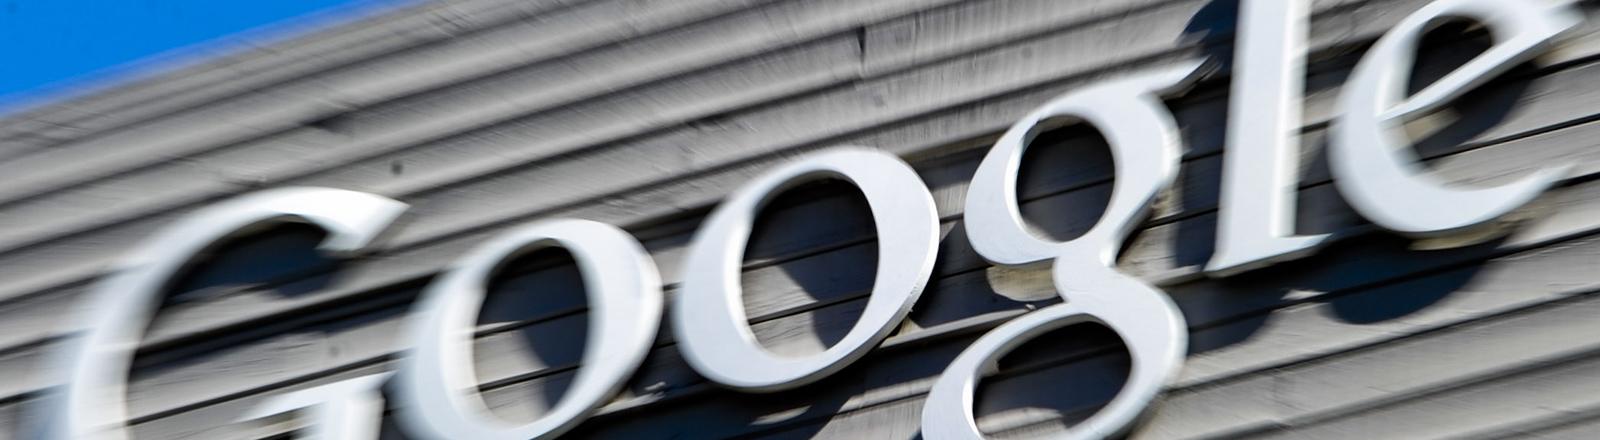 der Google-Schriftzug an einer Hausfassade.